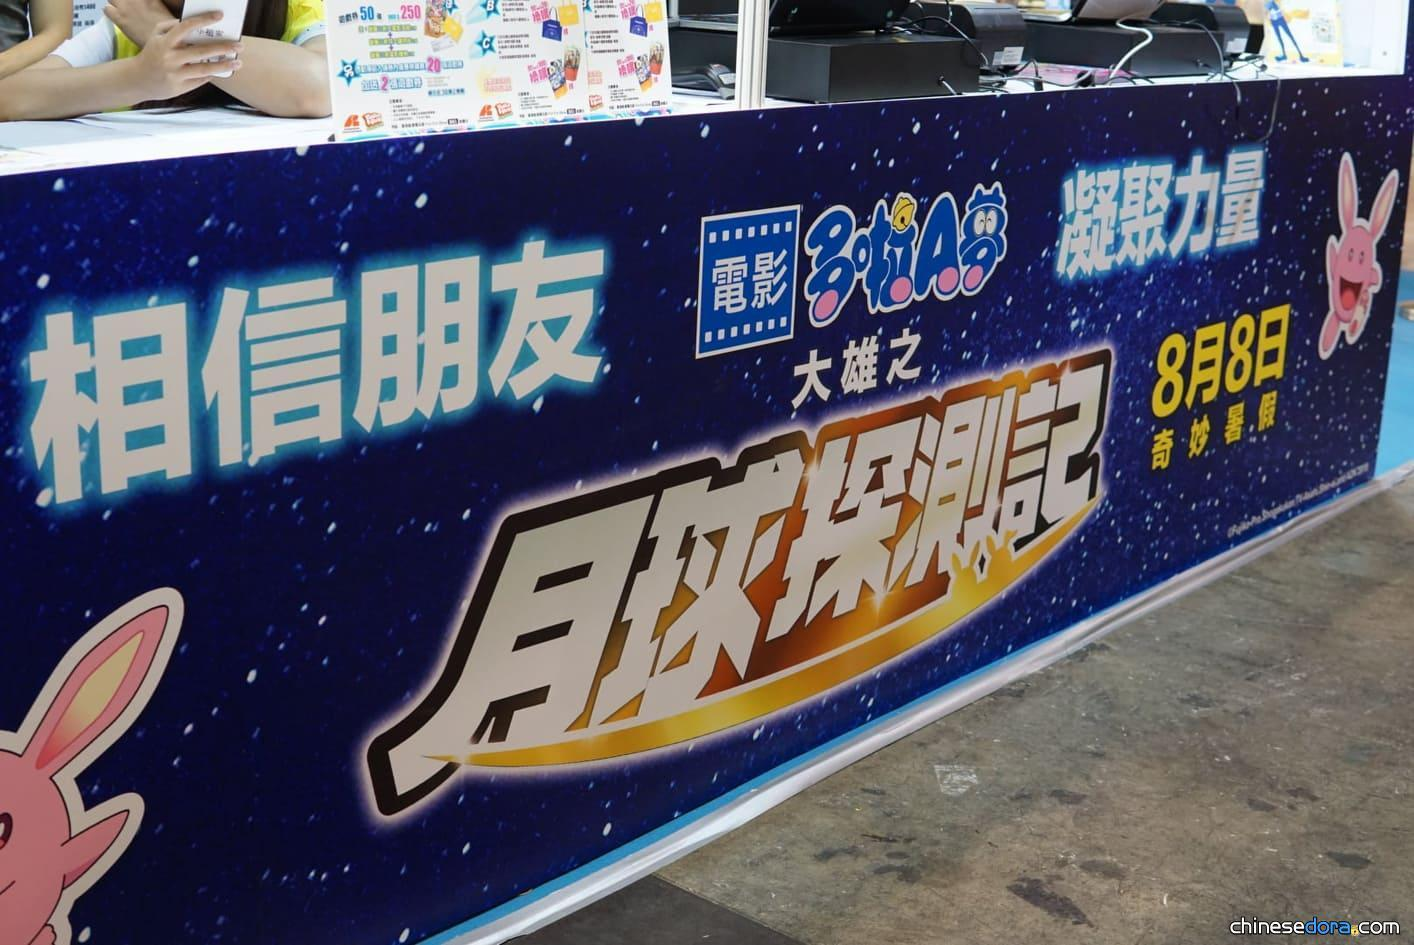 [香港] 《電影哆啦A夢:大雄之月球探測記》動漫節展區 較往年比略有失色?